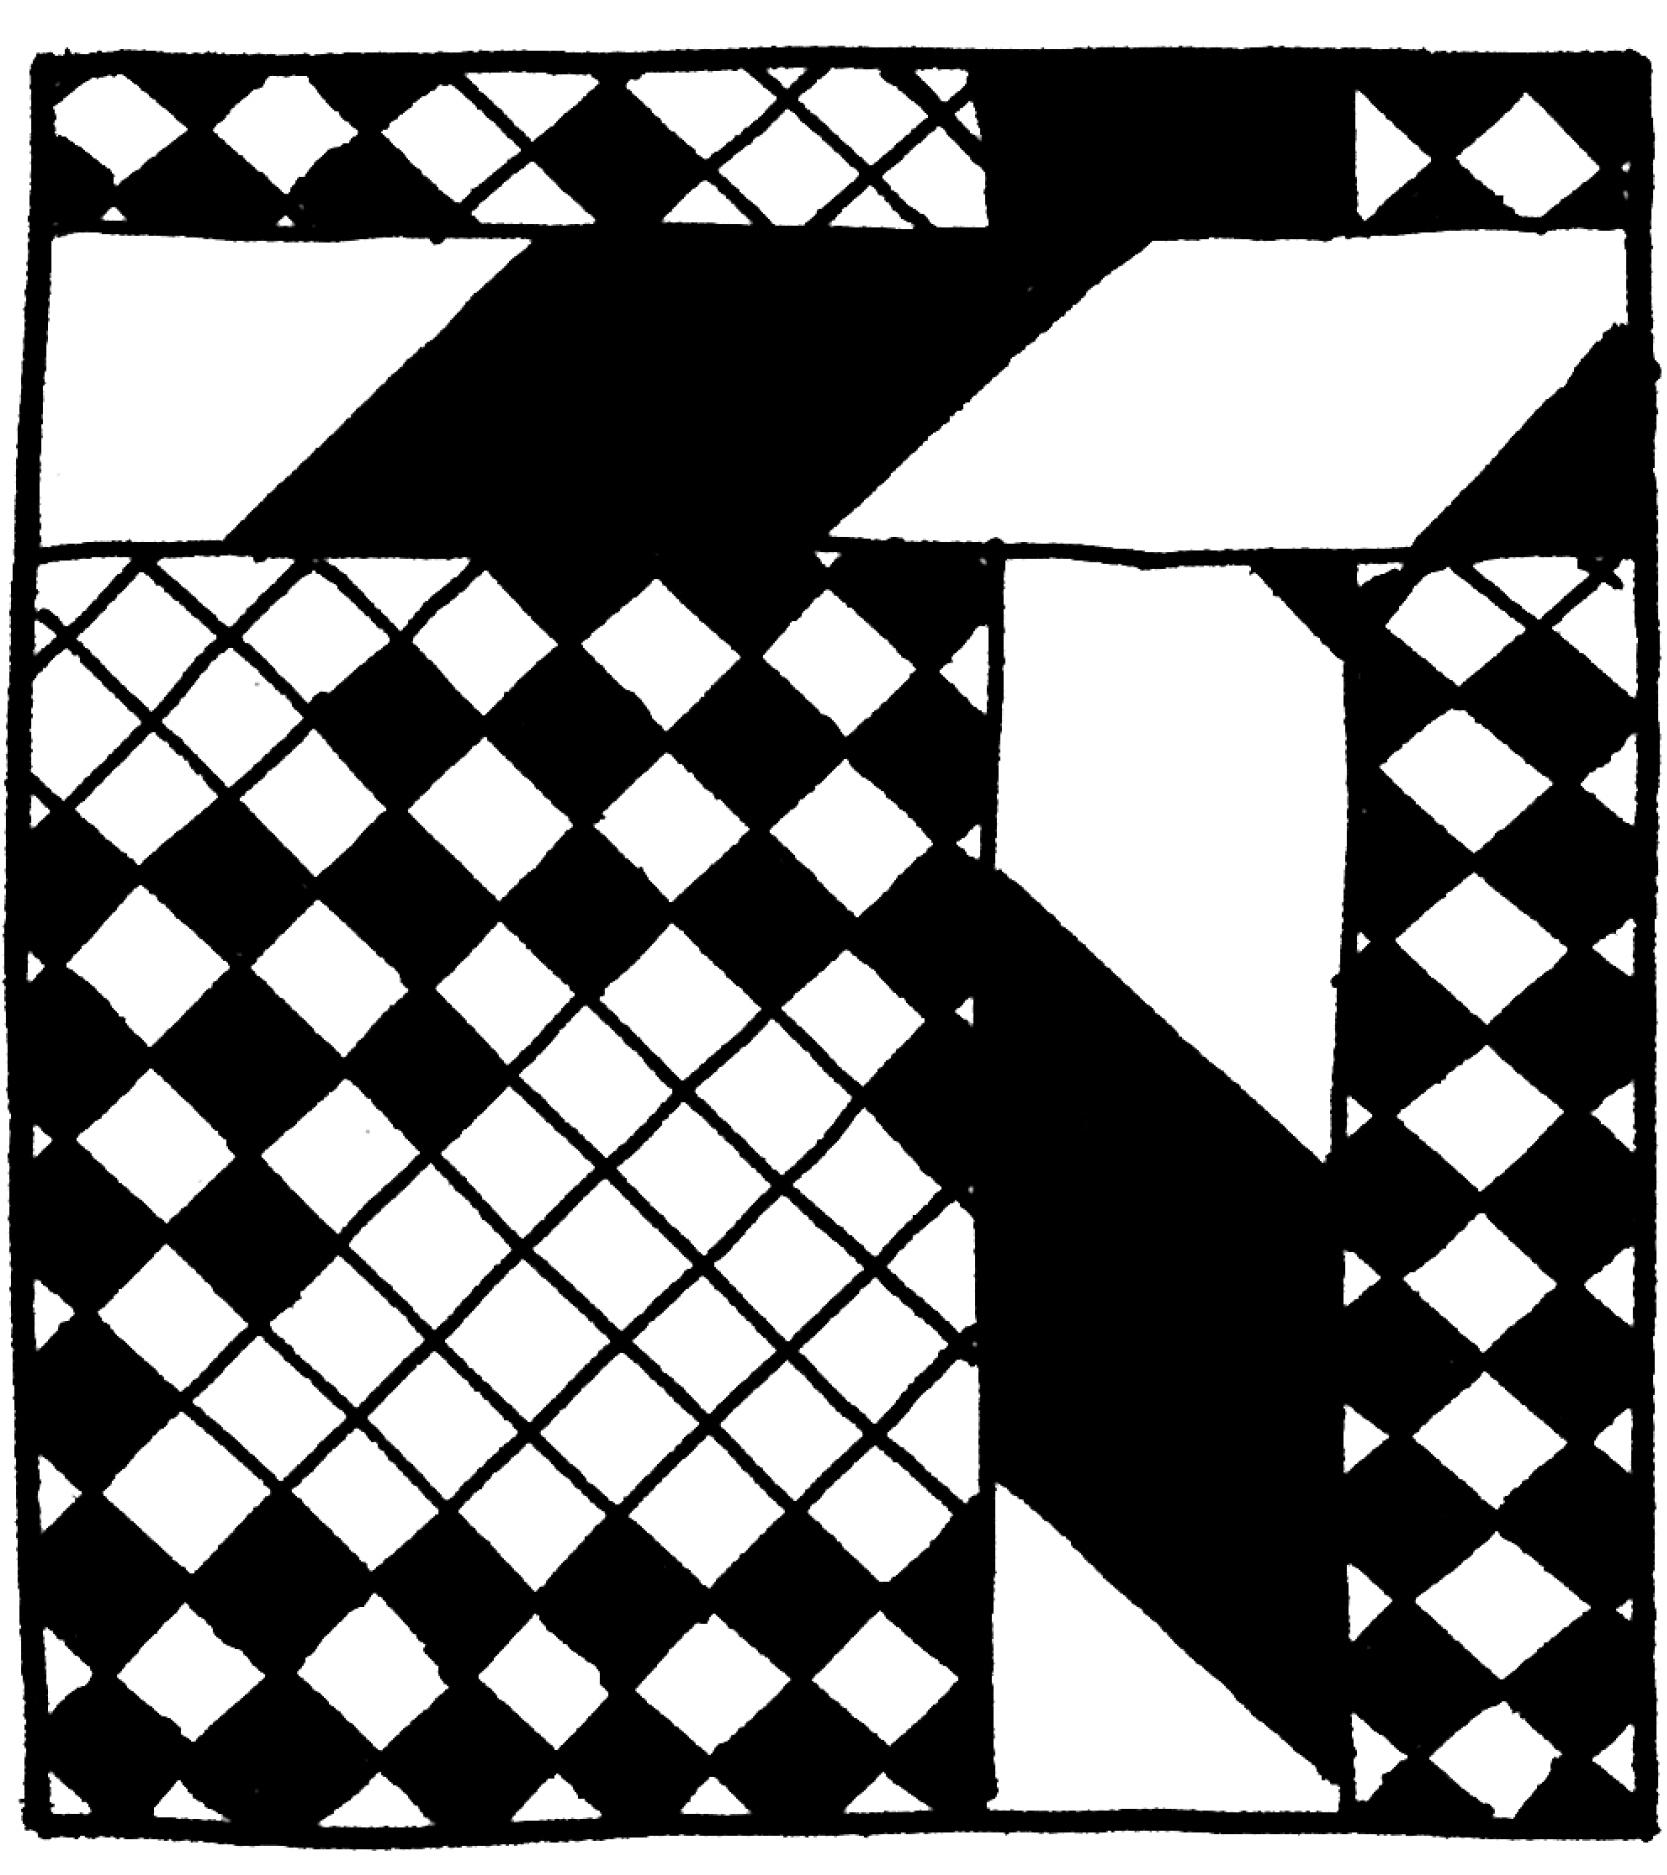 Valencia_patterns24.jpg